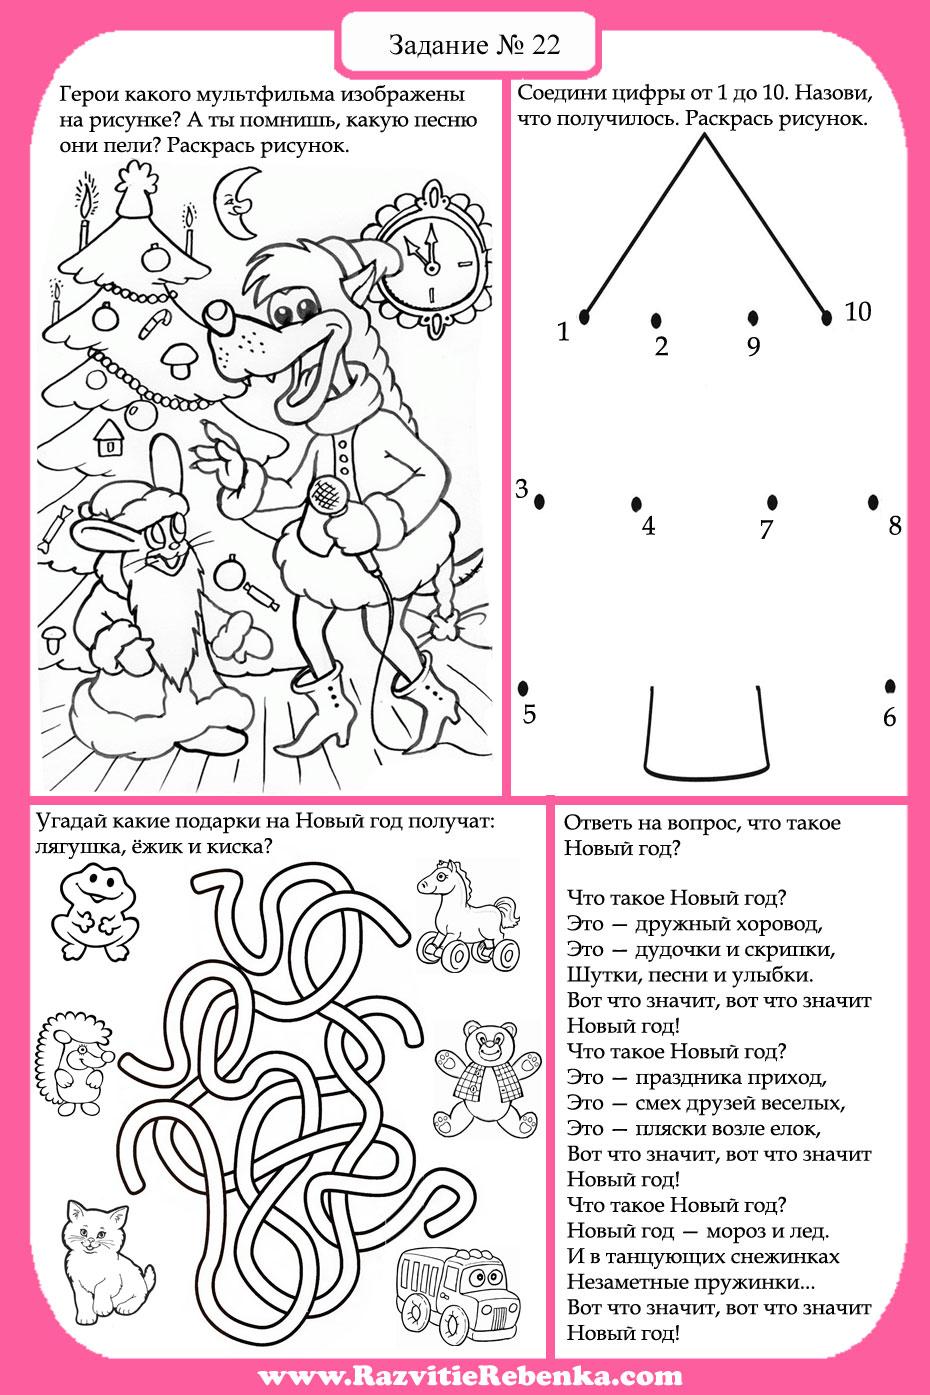 игры по теме знакомство на английском для дошкольников